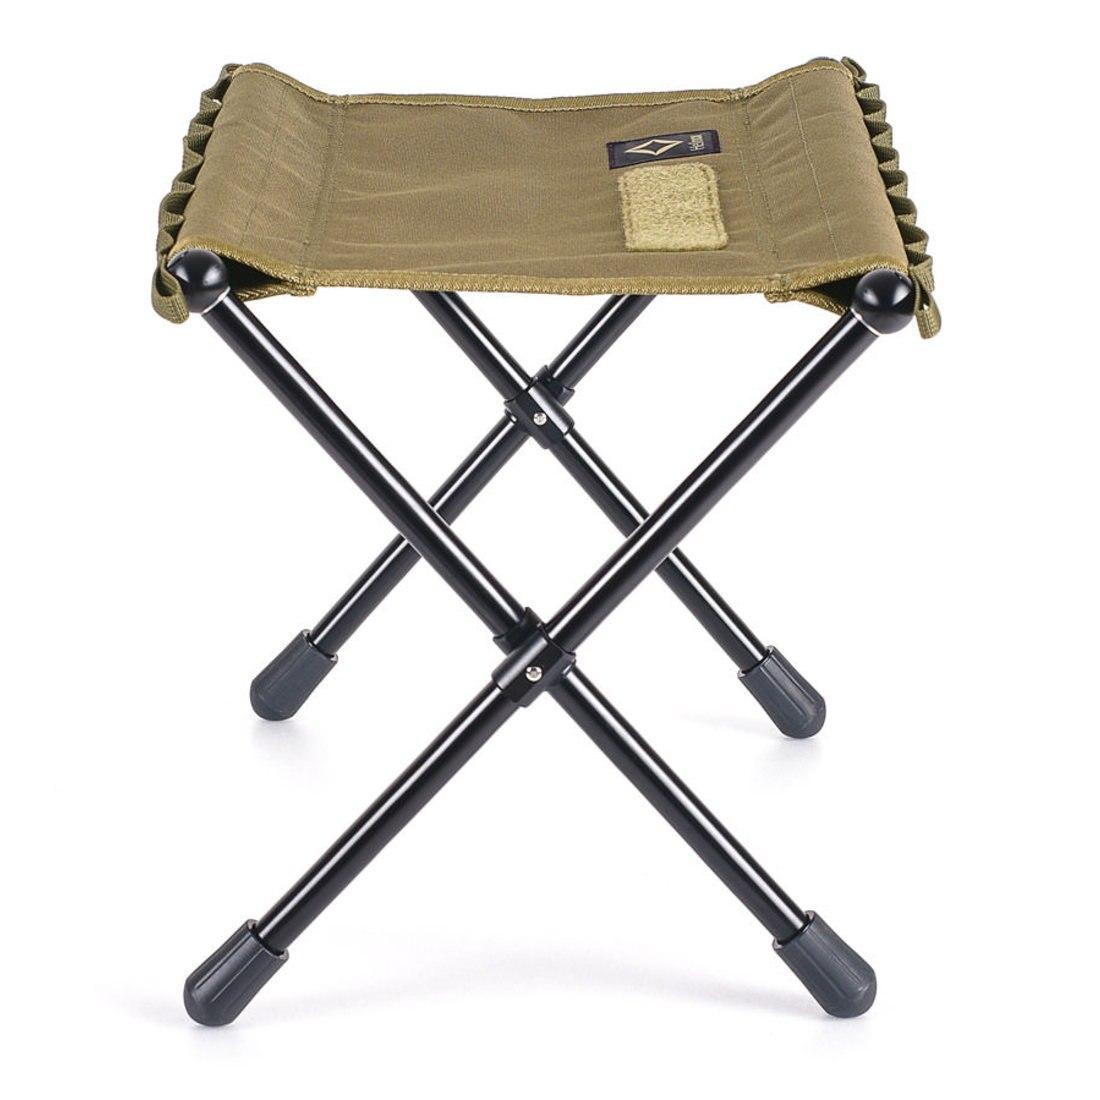 ヘリノックス タクティカルスピードスツール M コンパクト 折りたたみ 椅子  国内正規品